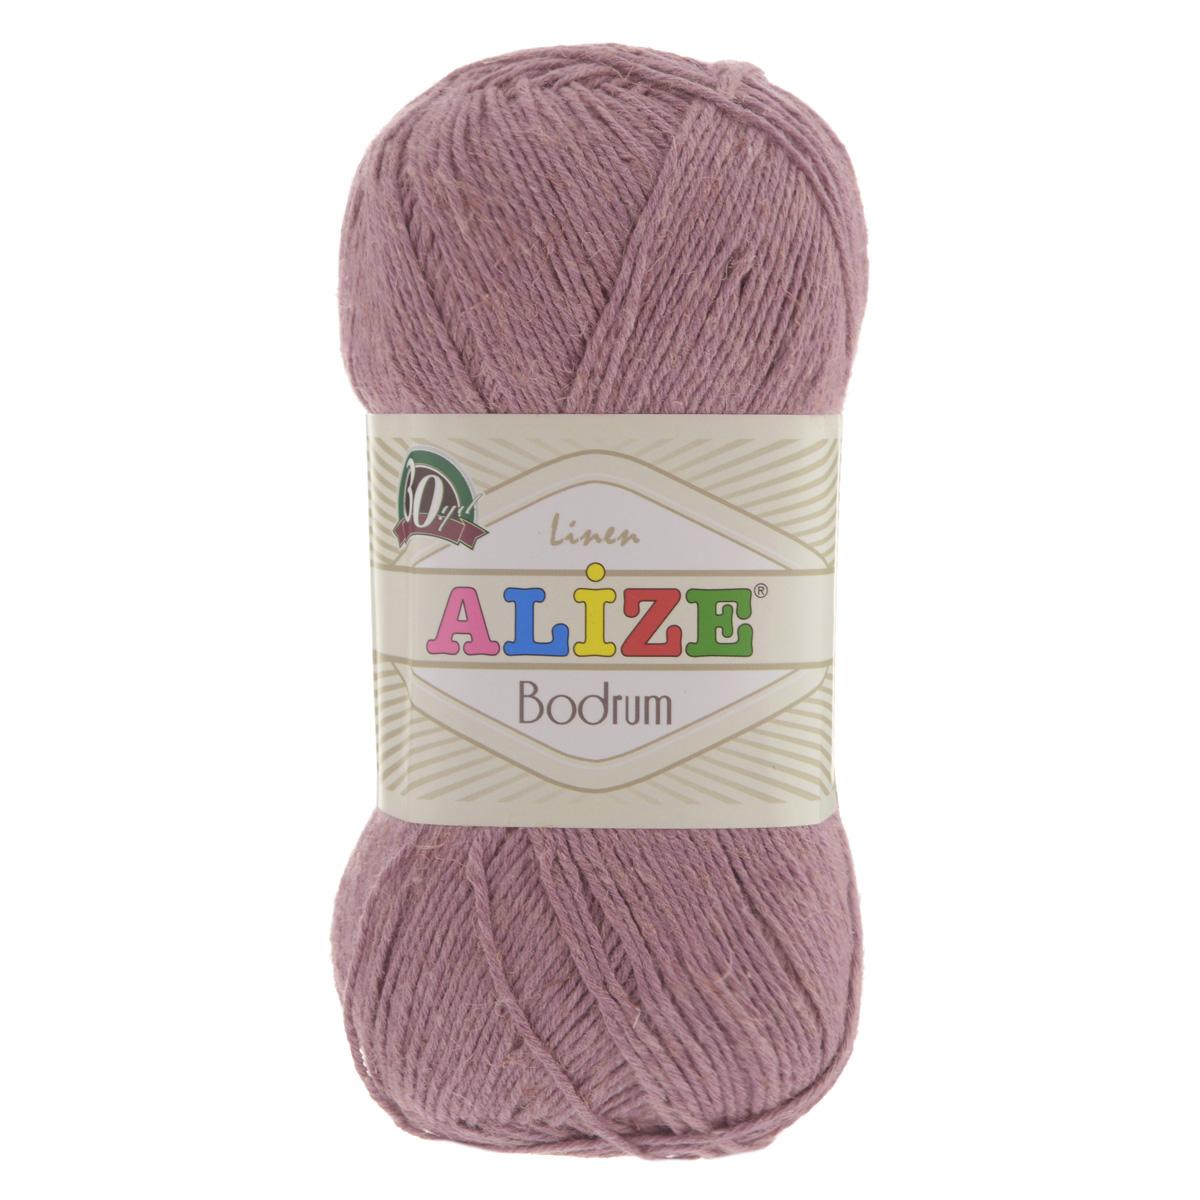 Пряжа для вязания Alize Bodrum, цвет: грязно-розовый (144), 280 м, 100 г, 5 шт697547_144Пряжа для вязания Alize Bodrum с натуральной цветовой гаммой подходит для ручного вязания детям и взрослым. Приятная на ощупь нить сочетает в себе лен и полиэстер. Такая пряжа идеально подойдет для вязания весенних и летних изделий. Рекомендованные спицы 3-5 мм и крючок для вязания 2-3 мм. Комплектация: 5 мотков. Состав: 48% лен, 52% полиэстер. Рекомендована ручная стирка.